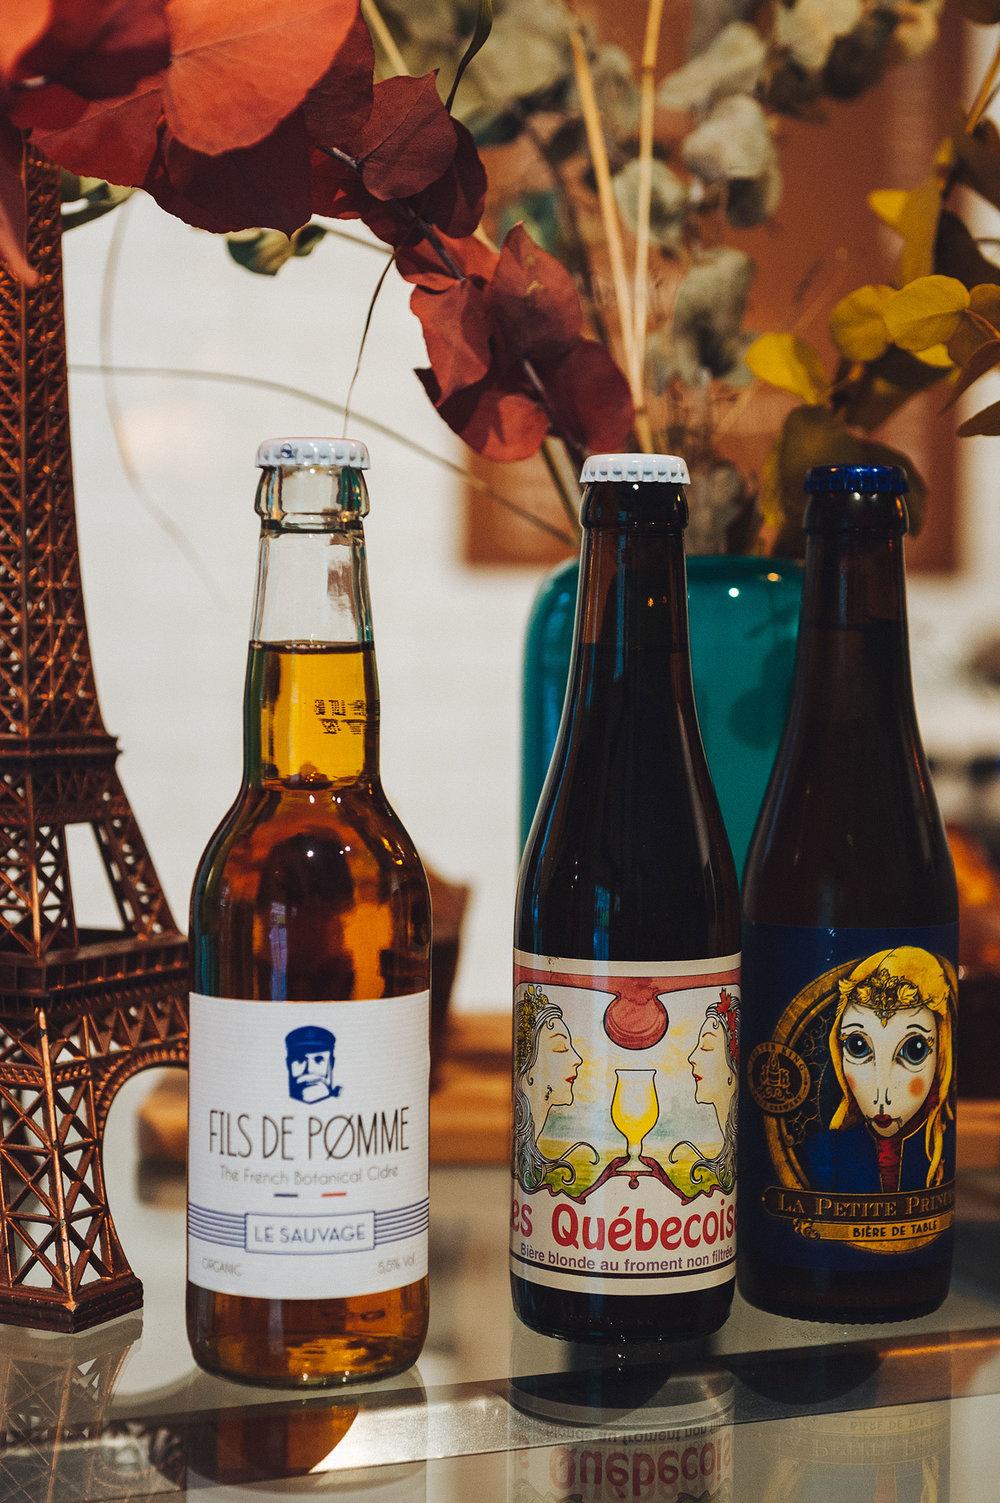 Noggrant utvalda öl och cider.